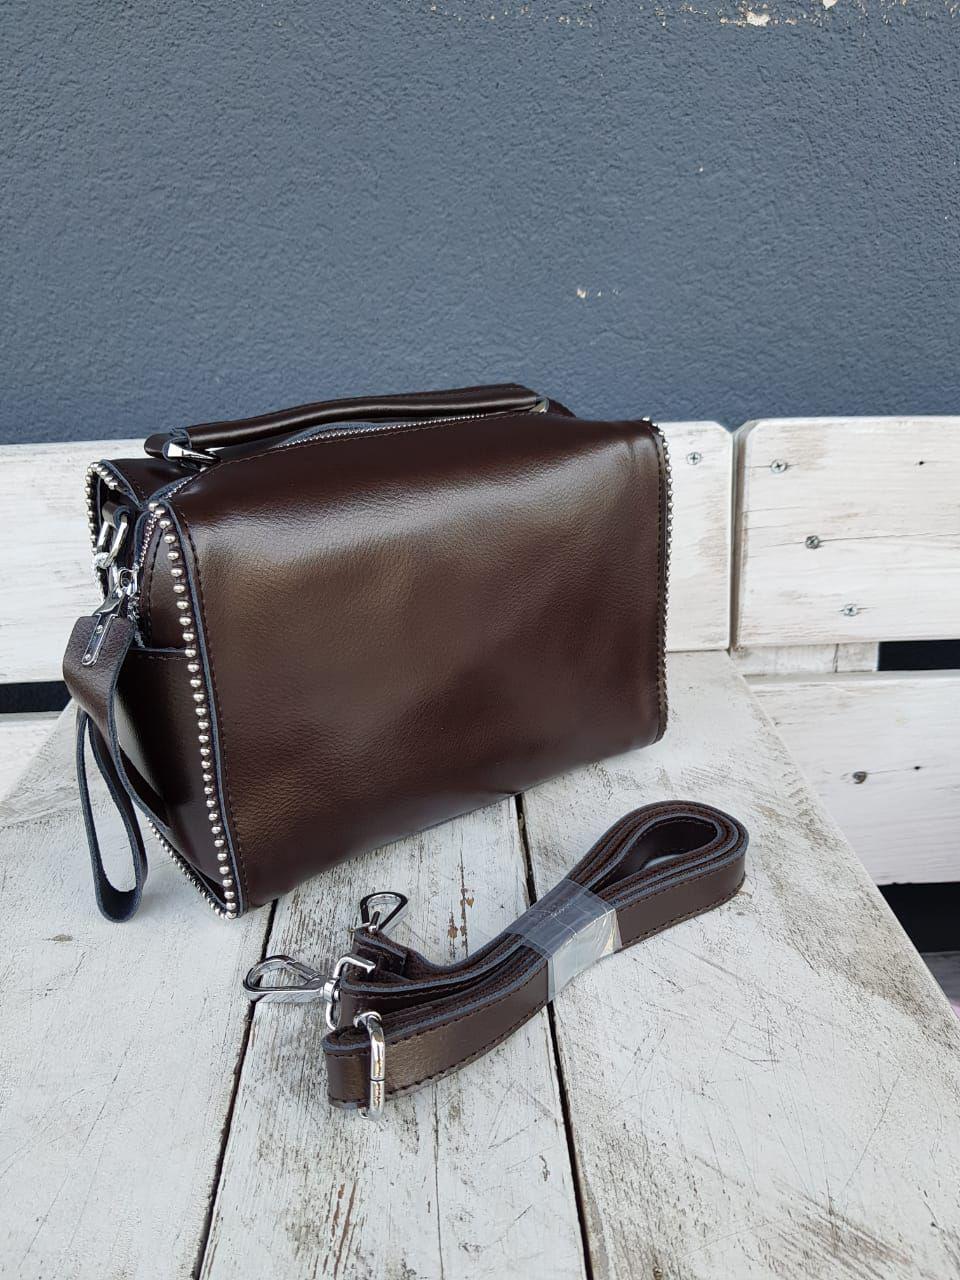 Кожаная женская сумка размером 25x14x14 см Коричневая